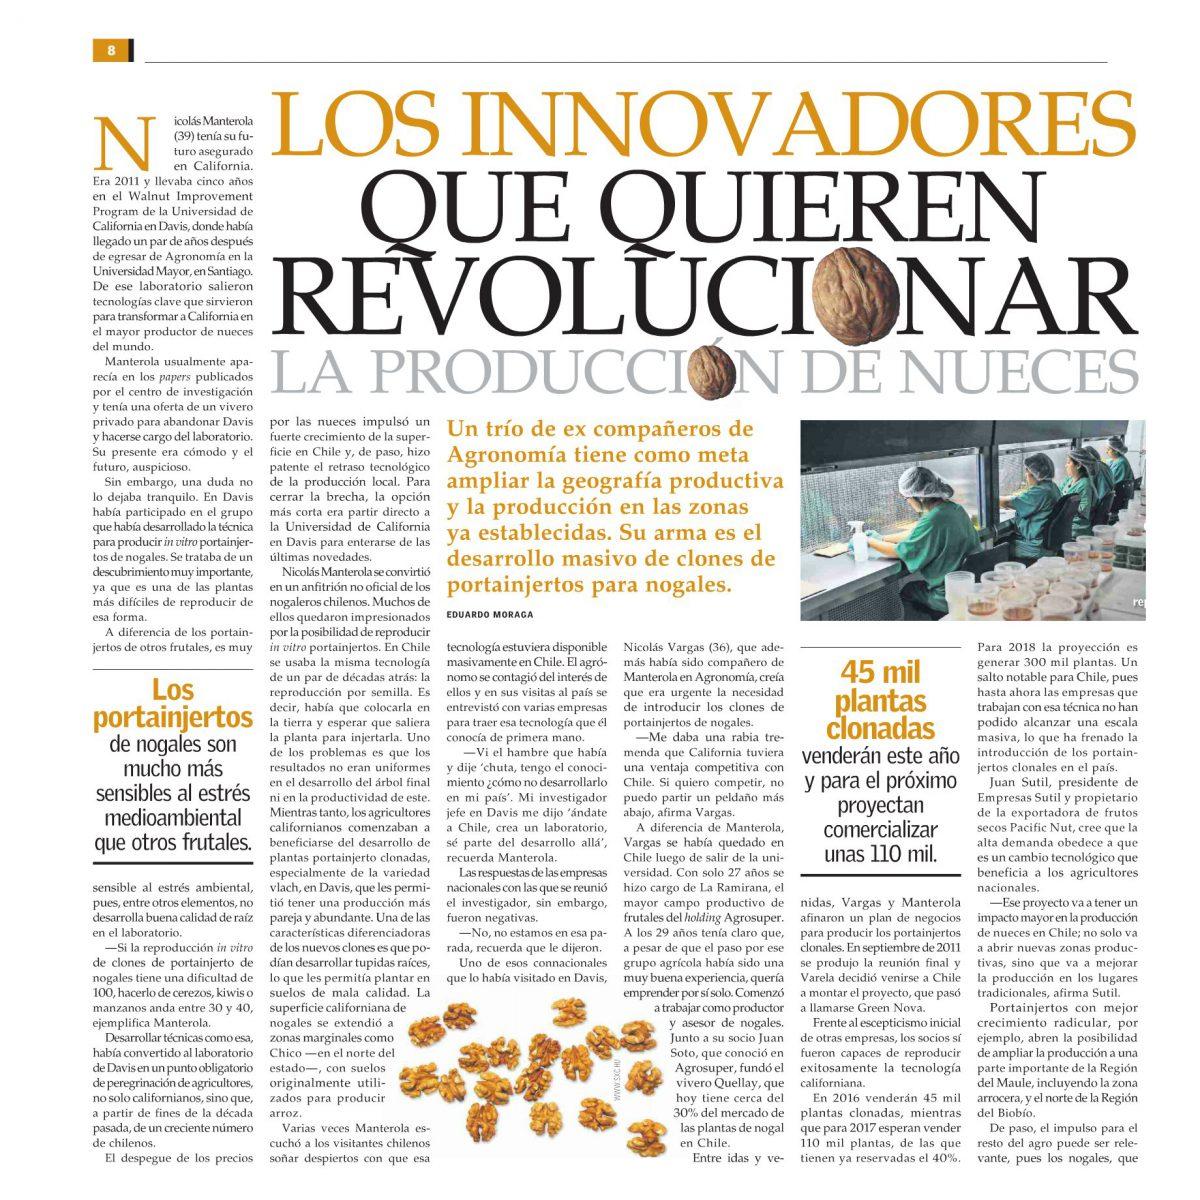 Los innovadores que quieren revolucionar la producción de nueces